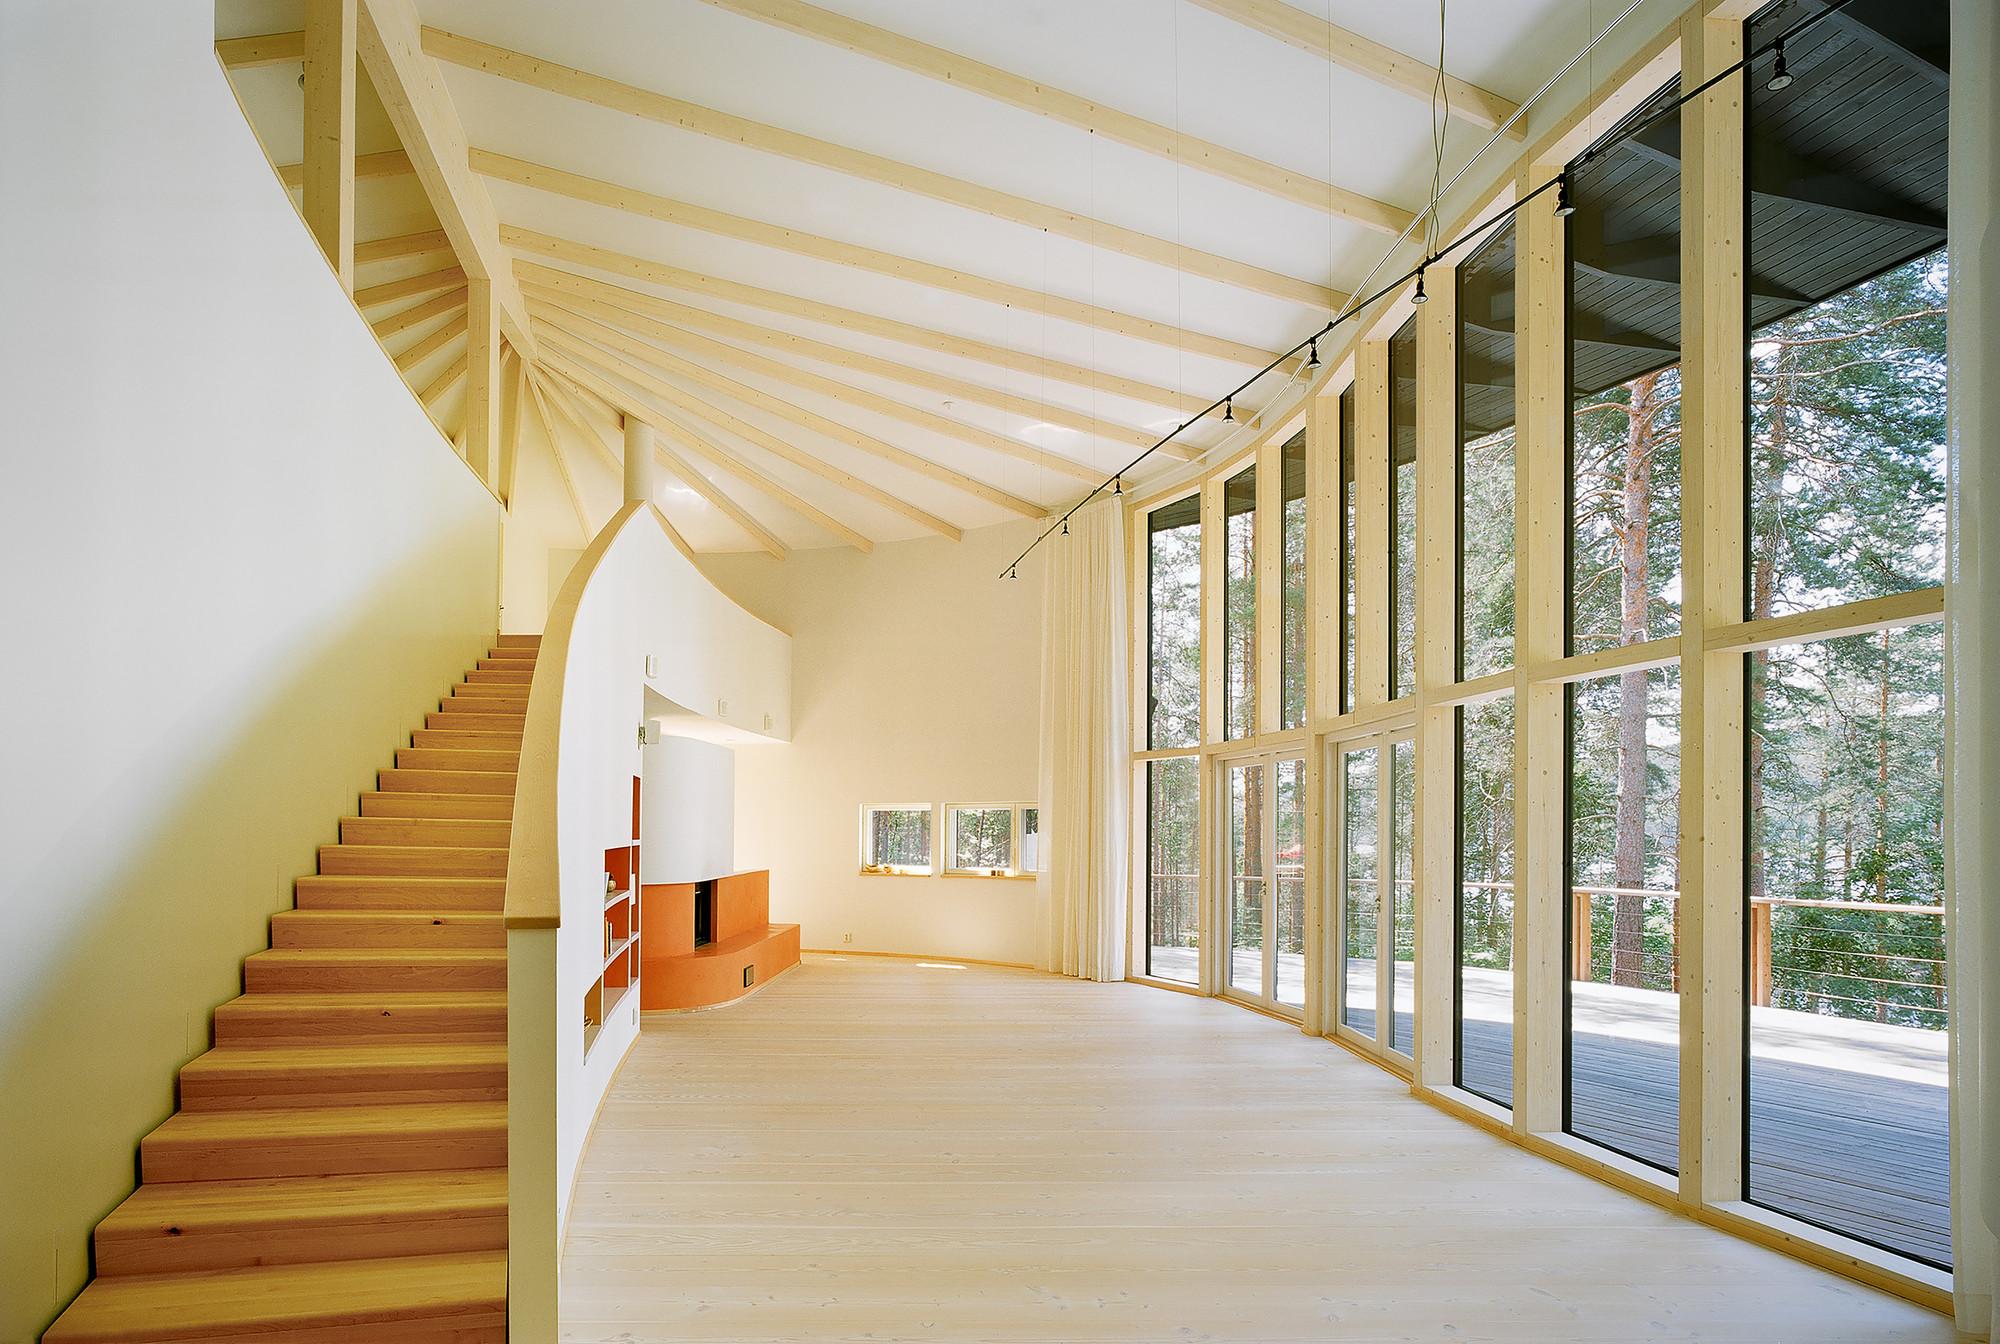 Villa Musu / Sanaksenaho Architects, © Jussi Tiainen